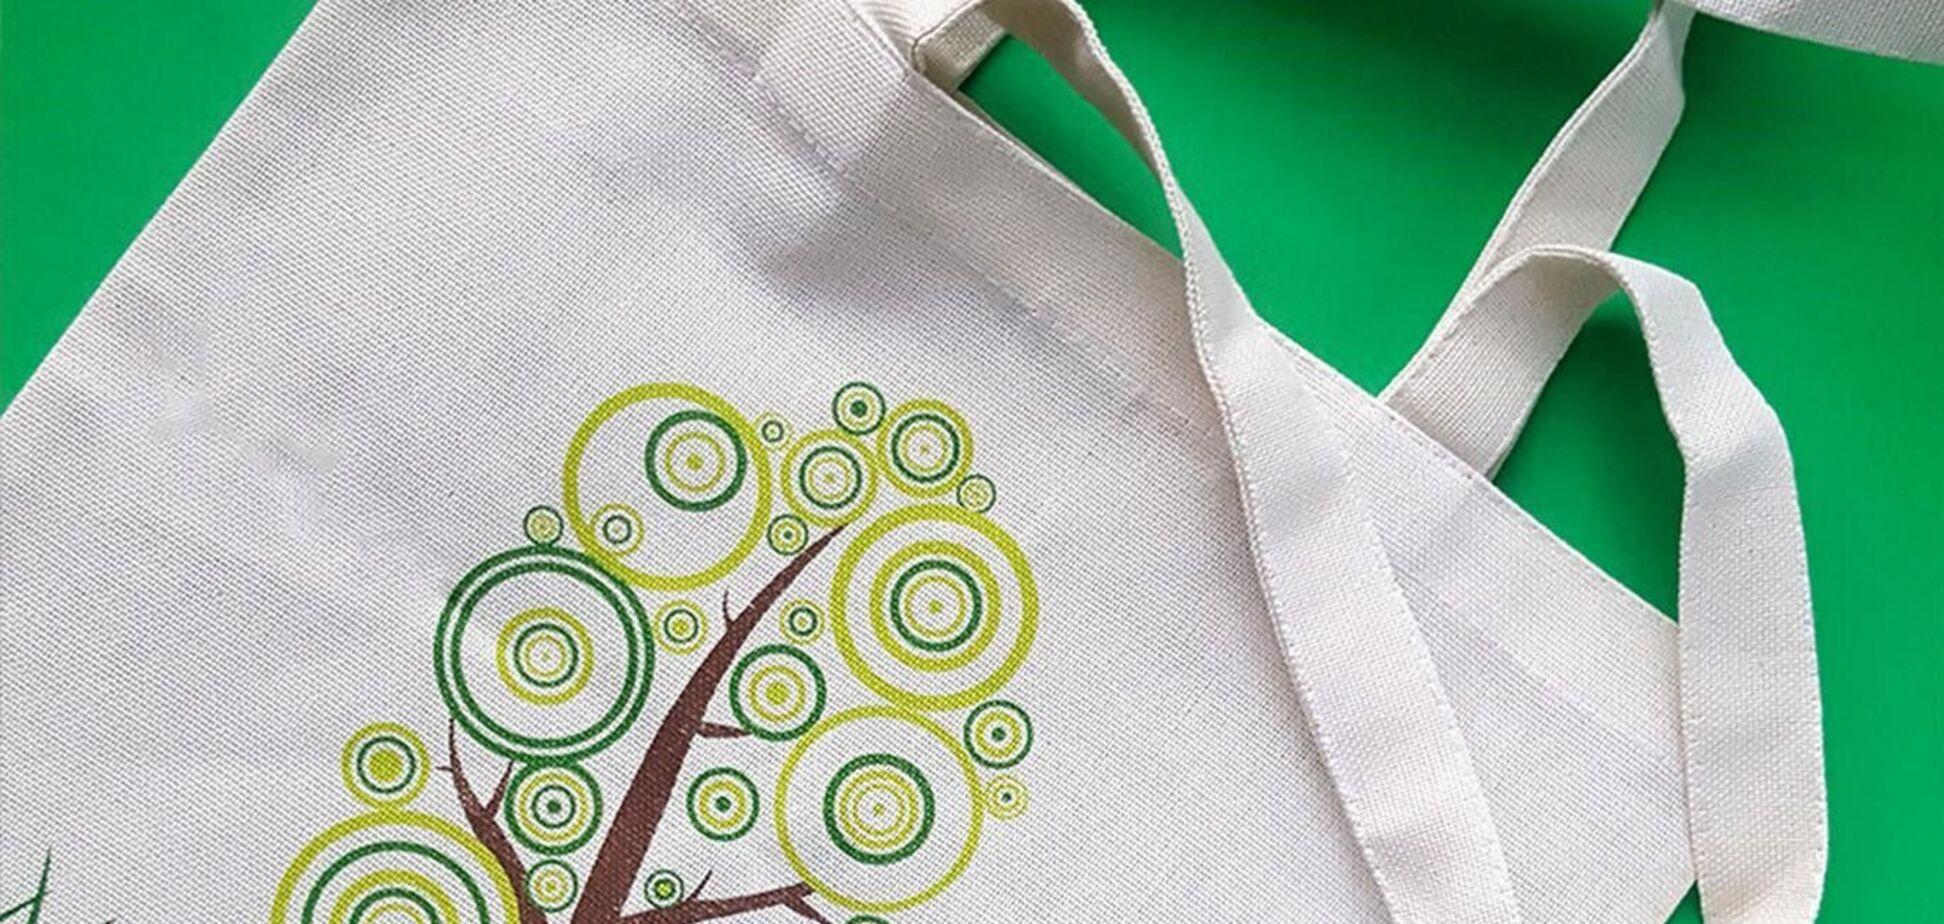 Для лета 2021 года были выпущены десятки коллекций удобных рюкзаков, сумок-чехлов, а также сумок-шопперов